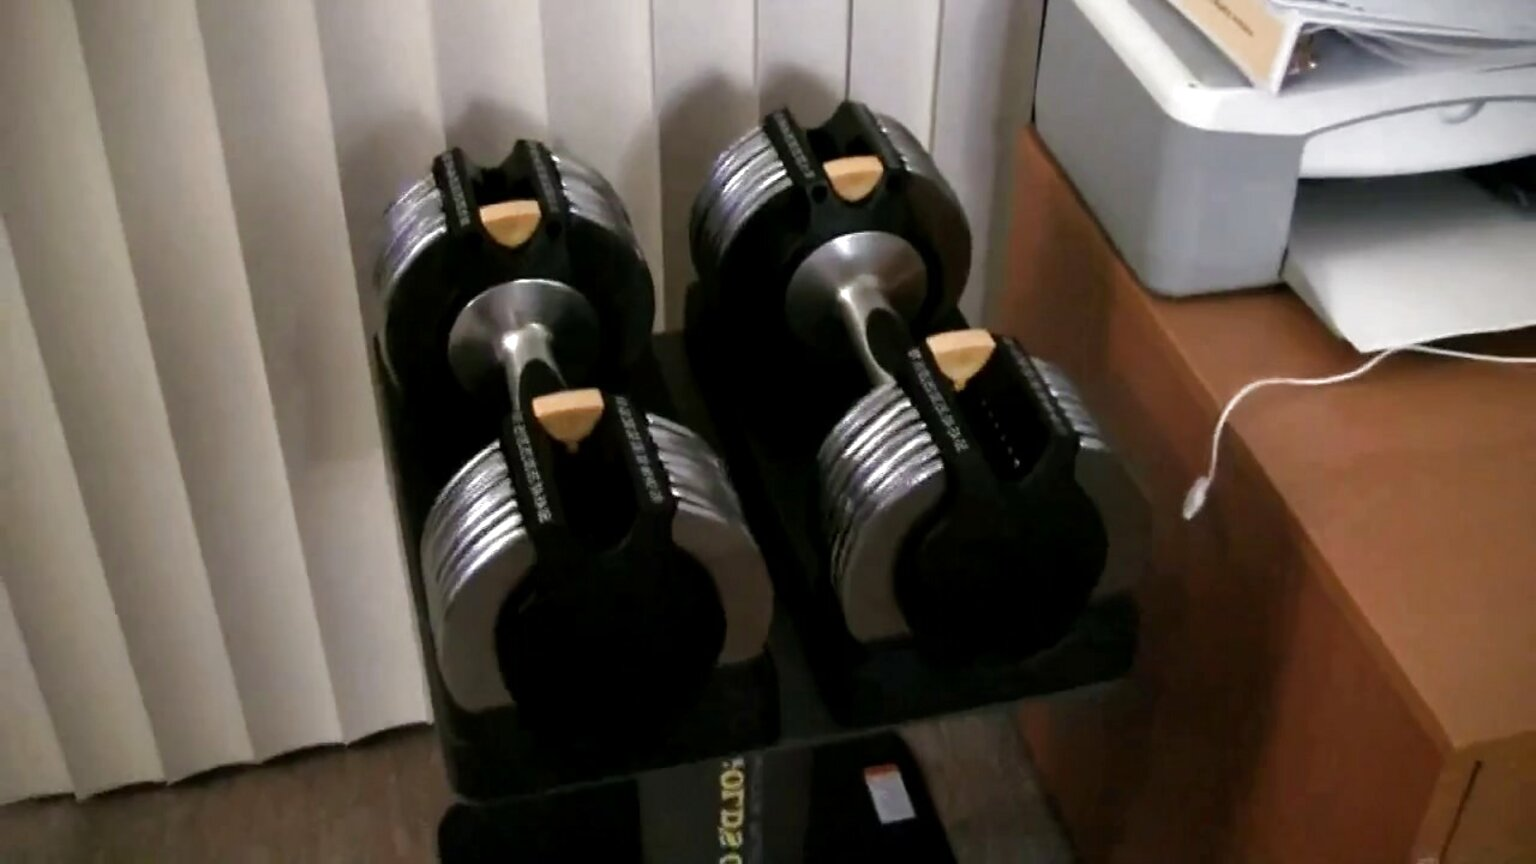 gym dumbbells for sale